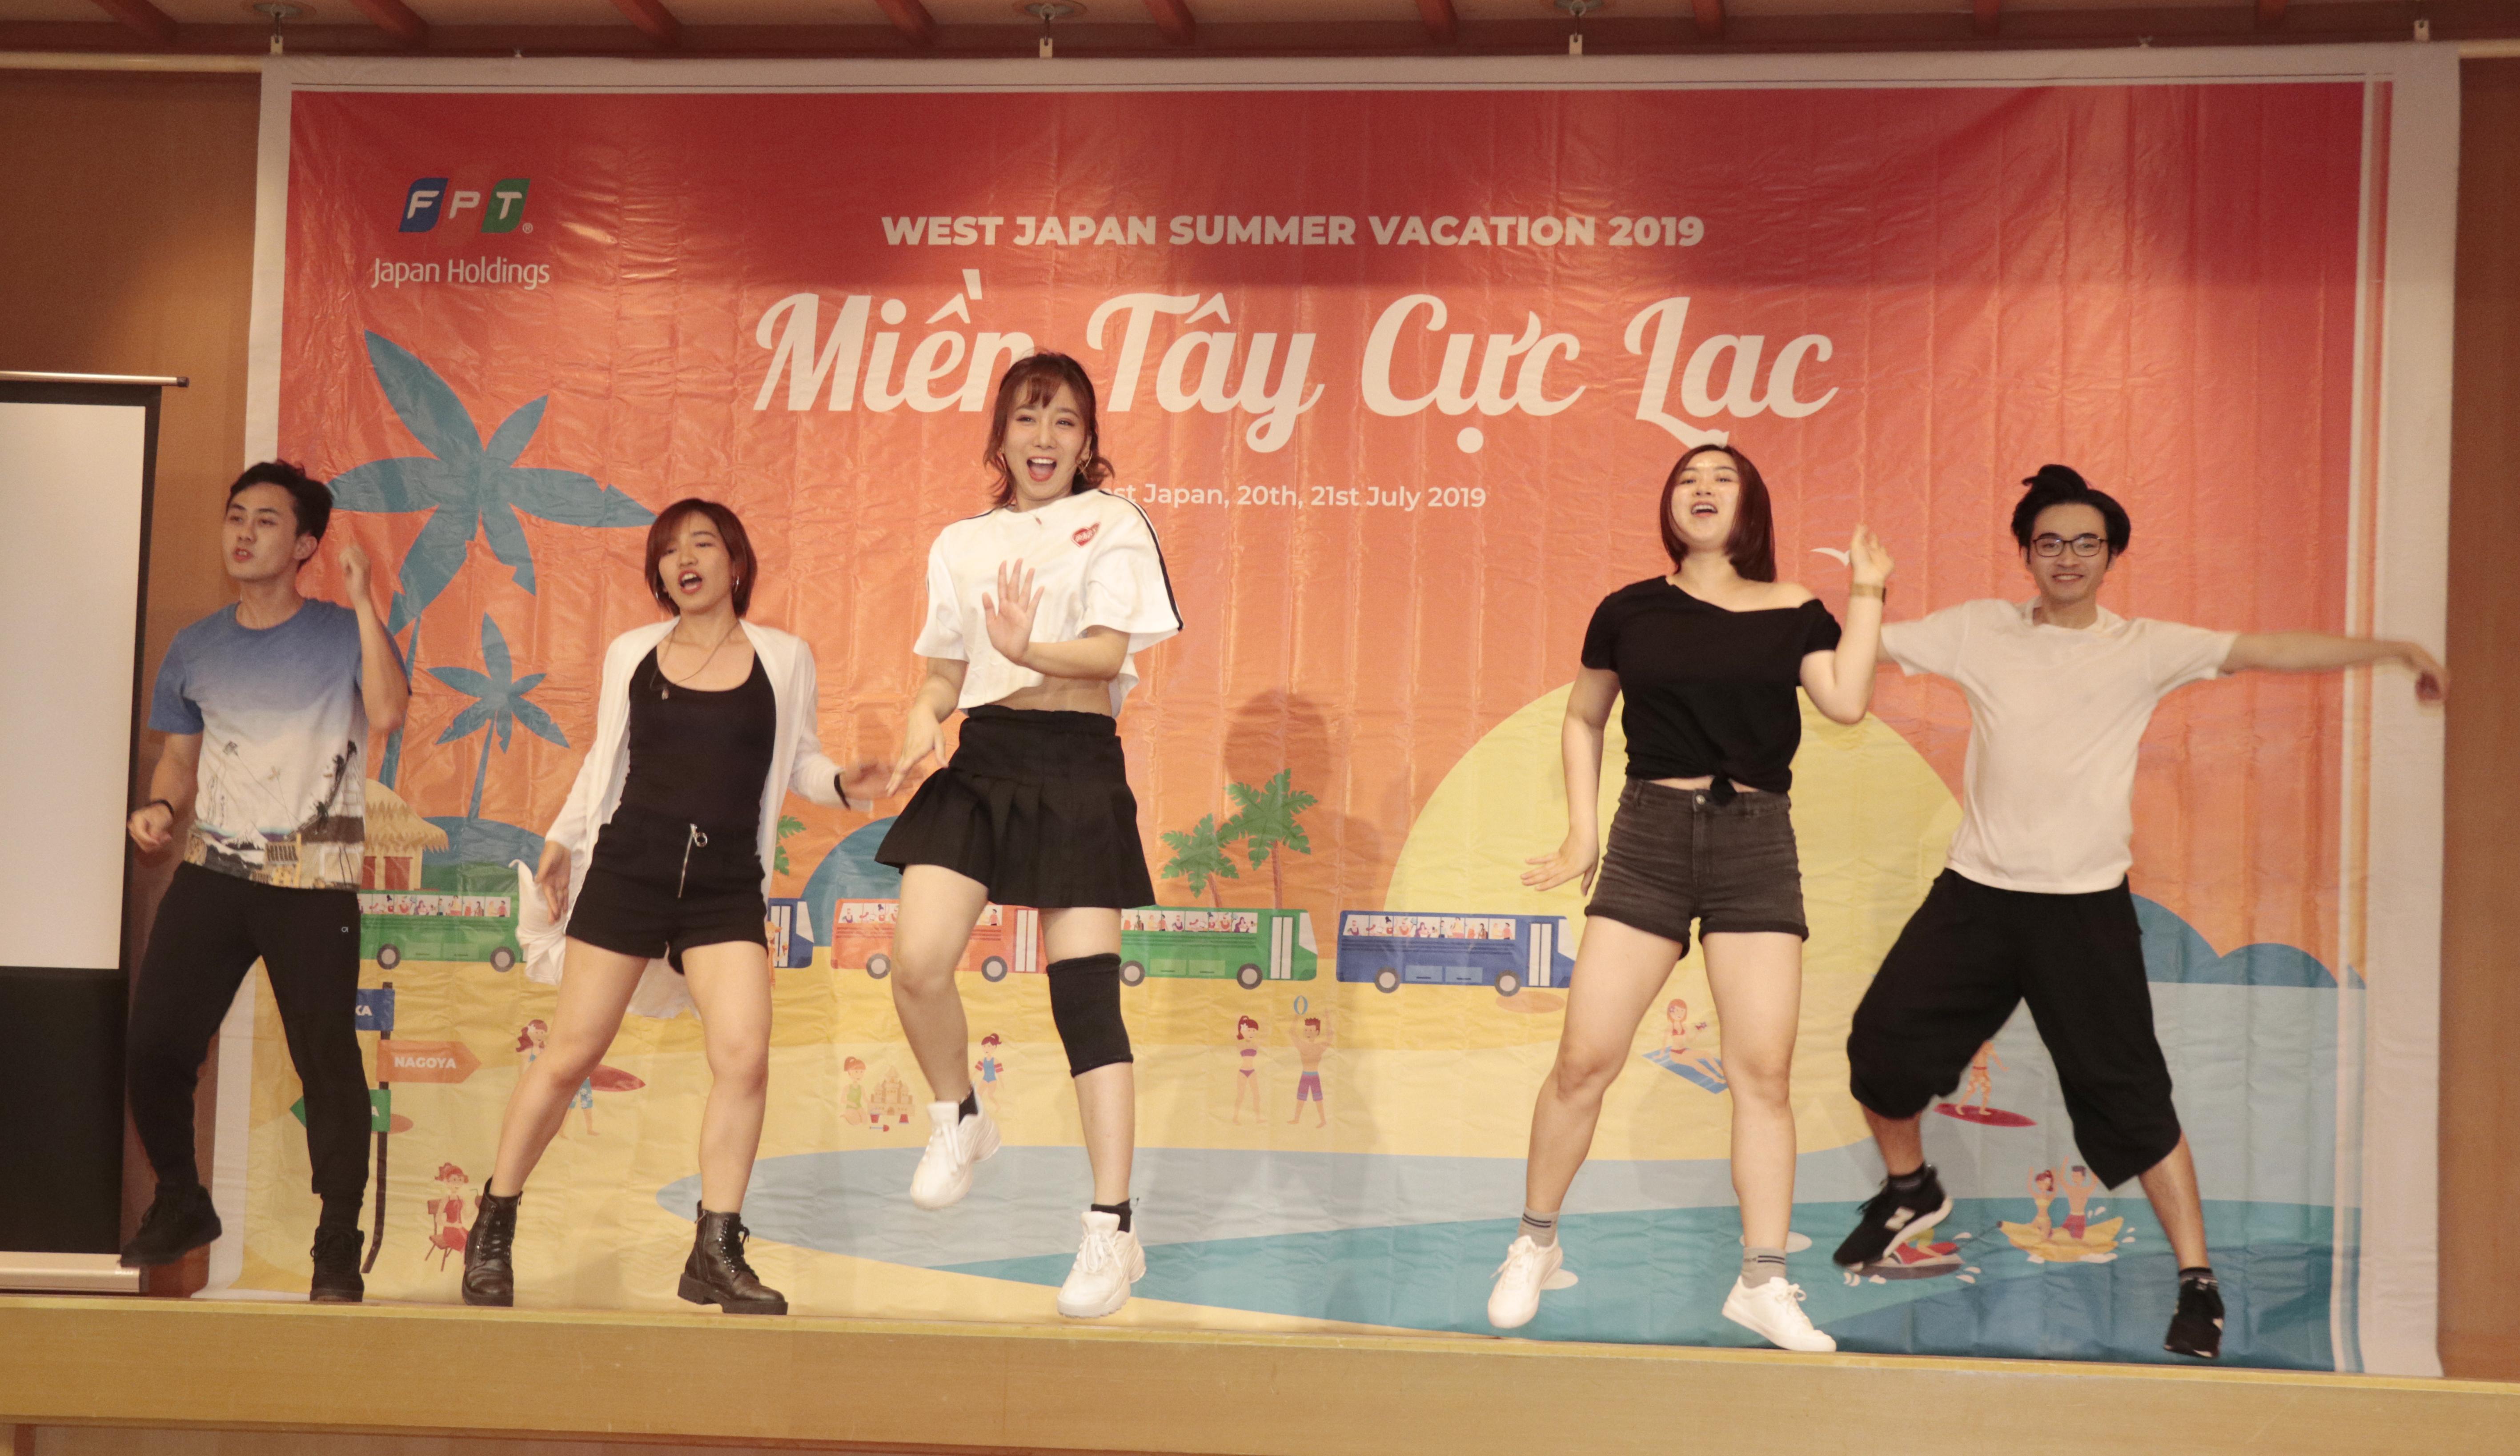 Đêm galađọng lại trong CBNV nhiều cảm xúc về nét văn hóa độc đáo và sự đoàn kết của người FPT. Đây là dịp để các tài năng FPT Japan tỏa sáng trên sân khấu. Nhiều người bày tỏ bất ngờ khi chứng kiến đồng nghiệp có tài năng hát, nhảy. Theo Ban Giám khảo, các tiết mục trong đêm diễn thể hiện nhiều khía cạnh khác nhau của FPT Japan. Không trùng lặp về nội dung, hài hước và sáng tạo khiến khán giả có mặt tại sự kiện hào hứng theo dõi và cổ vũ không ngớt.